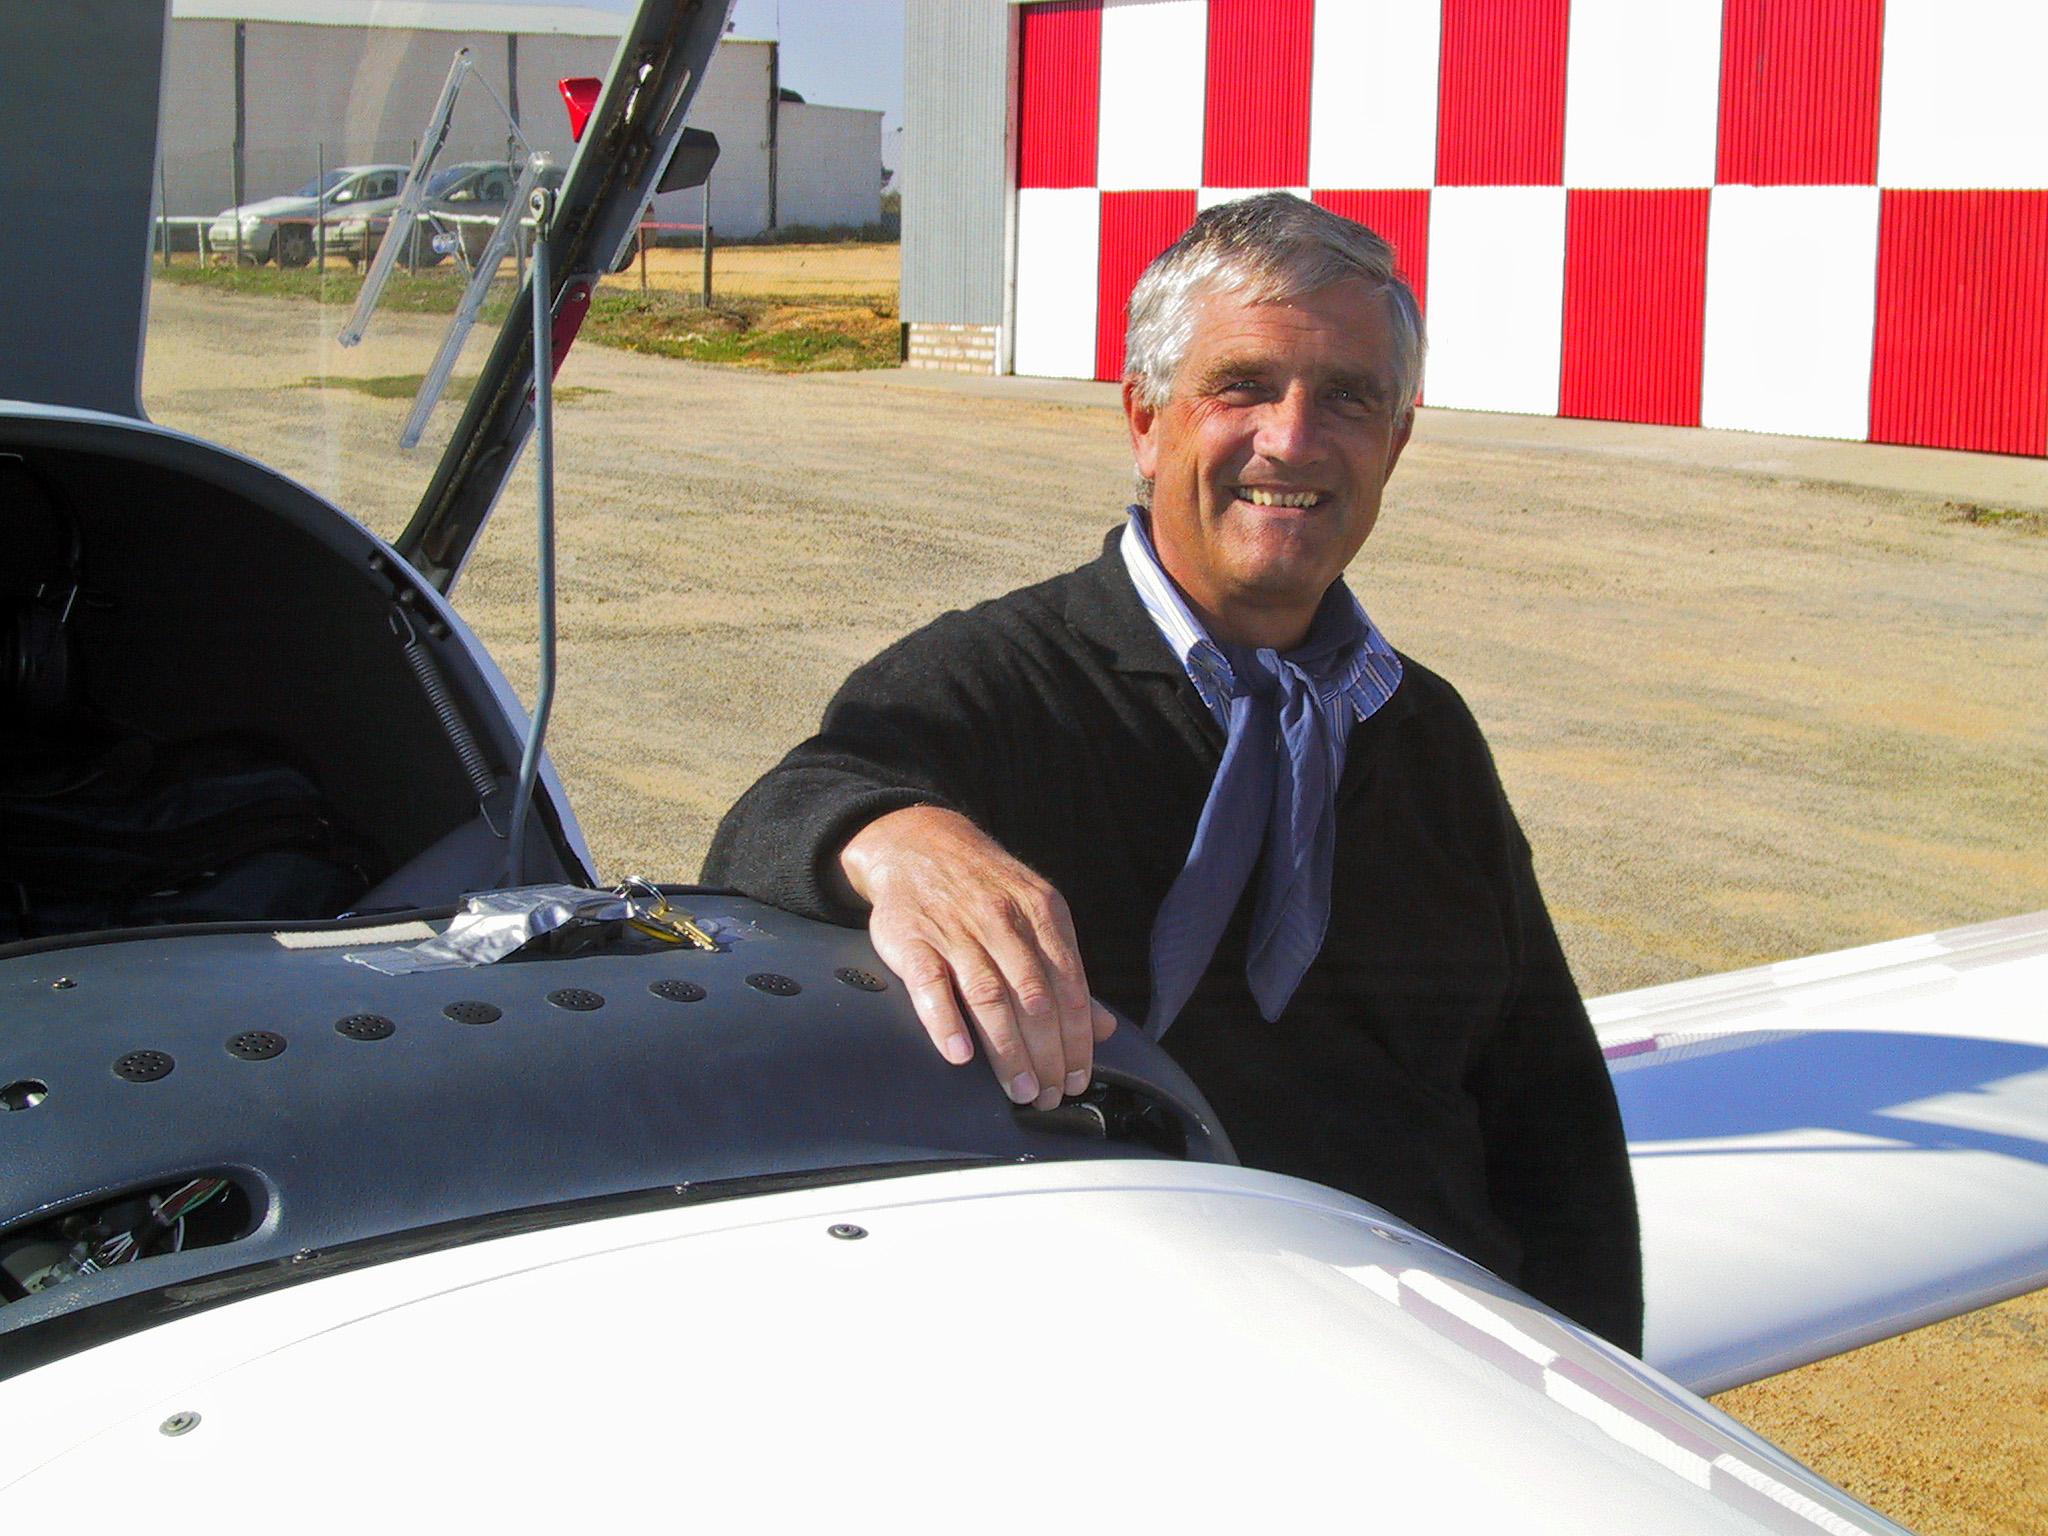 Fluglehrer steht bei Sonnenschein vor Kleinflugzeug und lächelt in die Kamera.